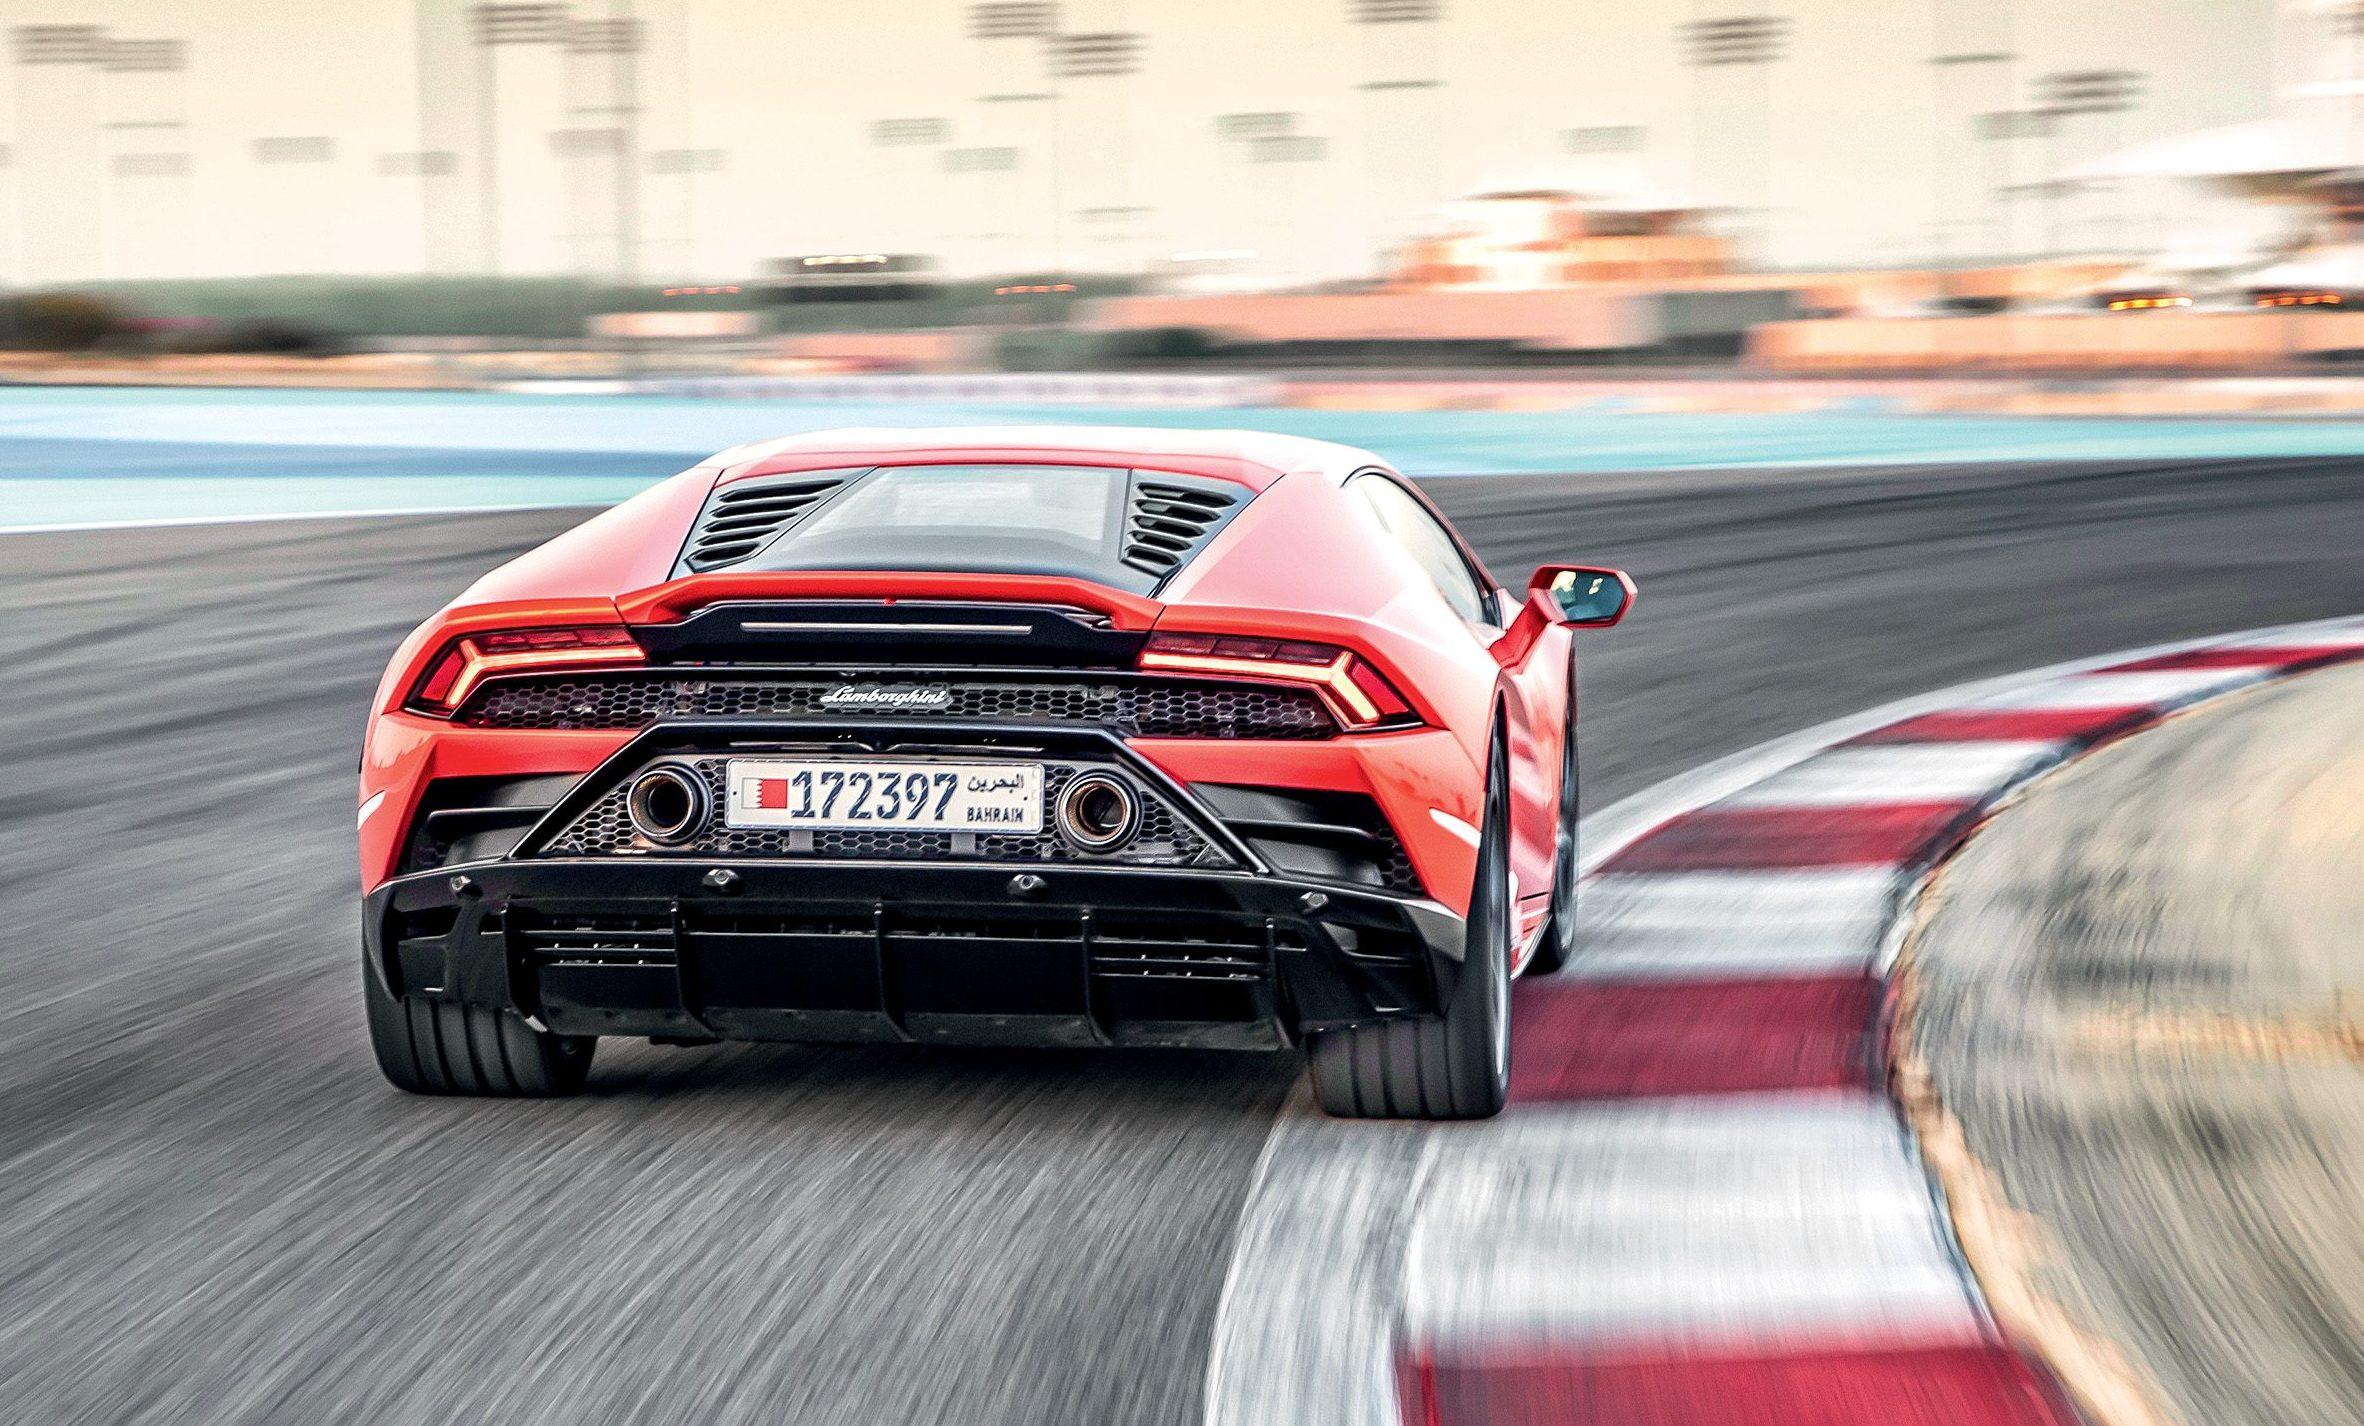 Entre as melhorias aerodinâmicas, os novos spoiler e difusor atrás e os escapes mais altos